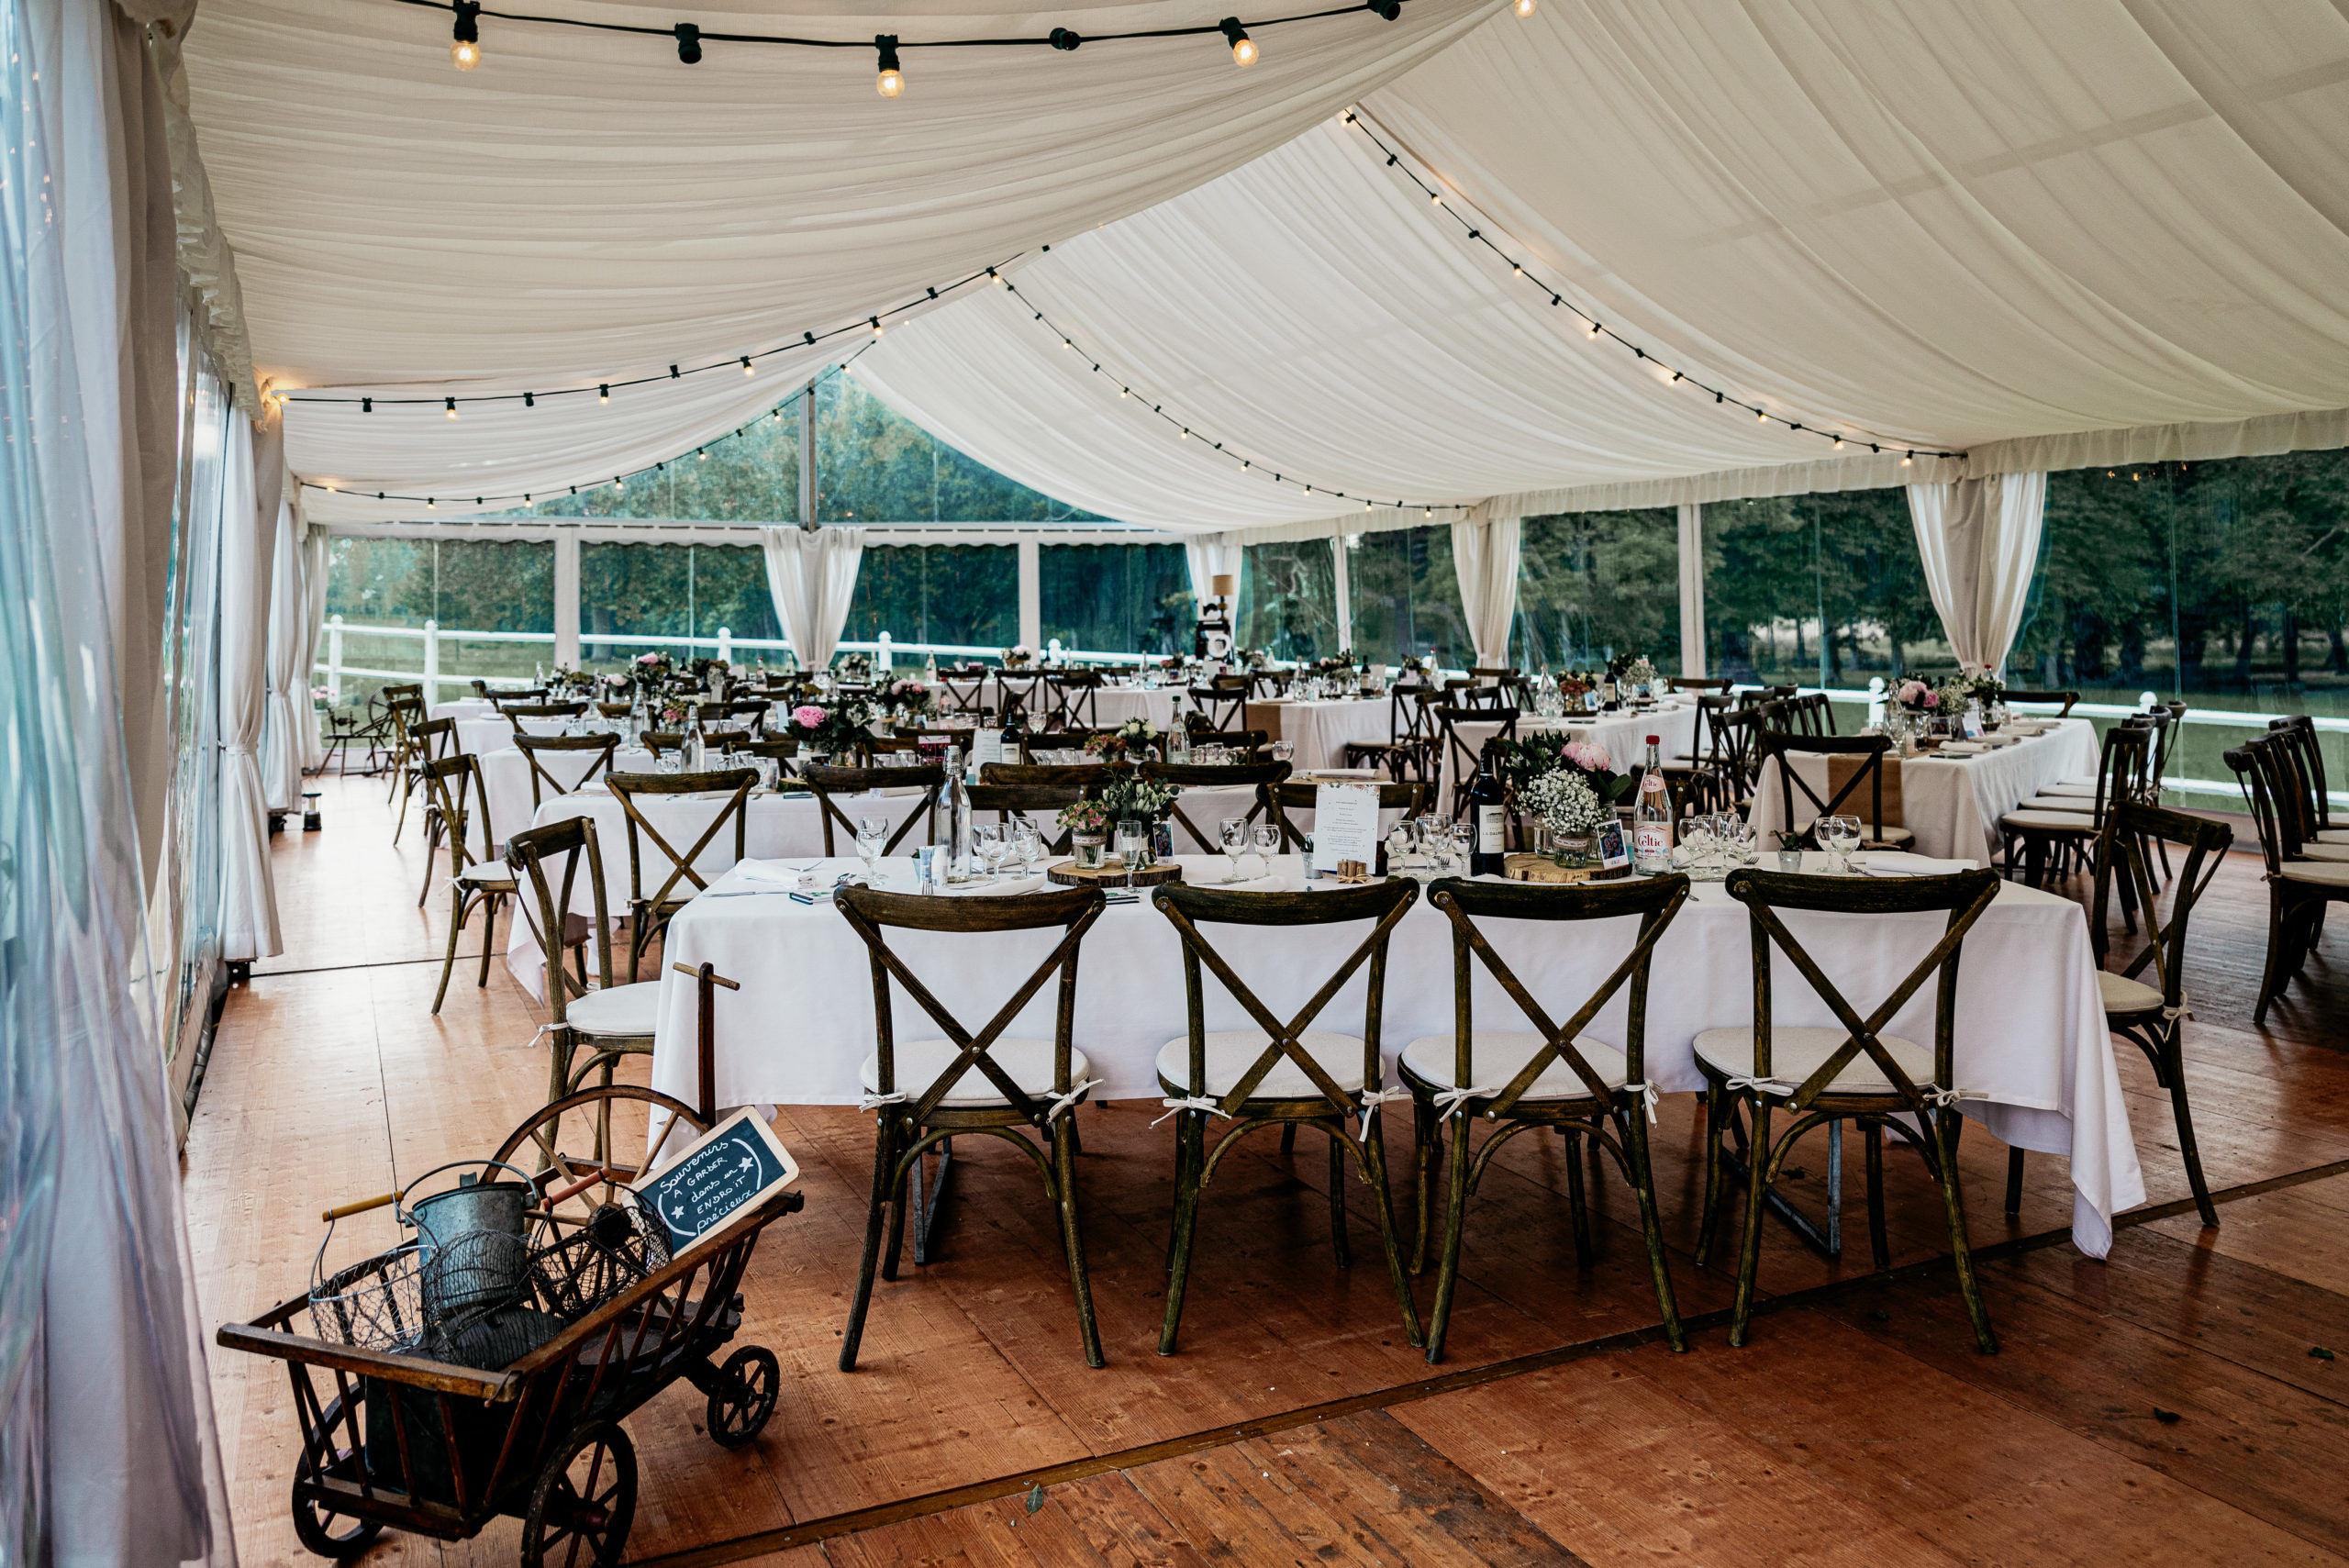 salle de réception mariage barnum compiègne oise champêtre bohème